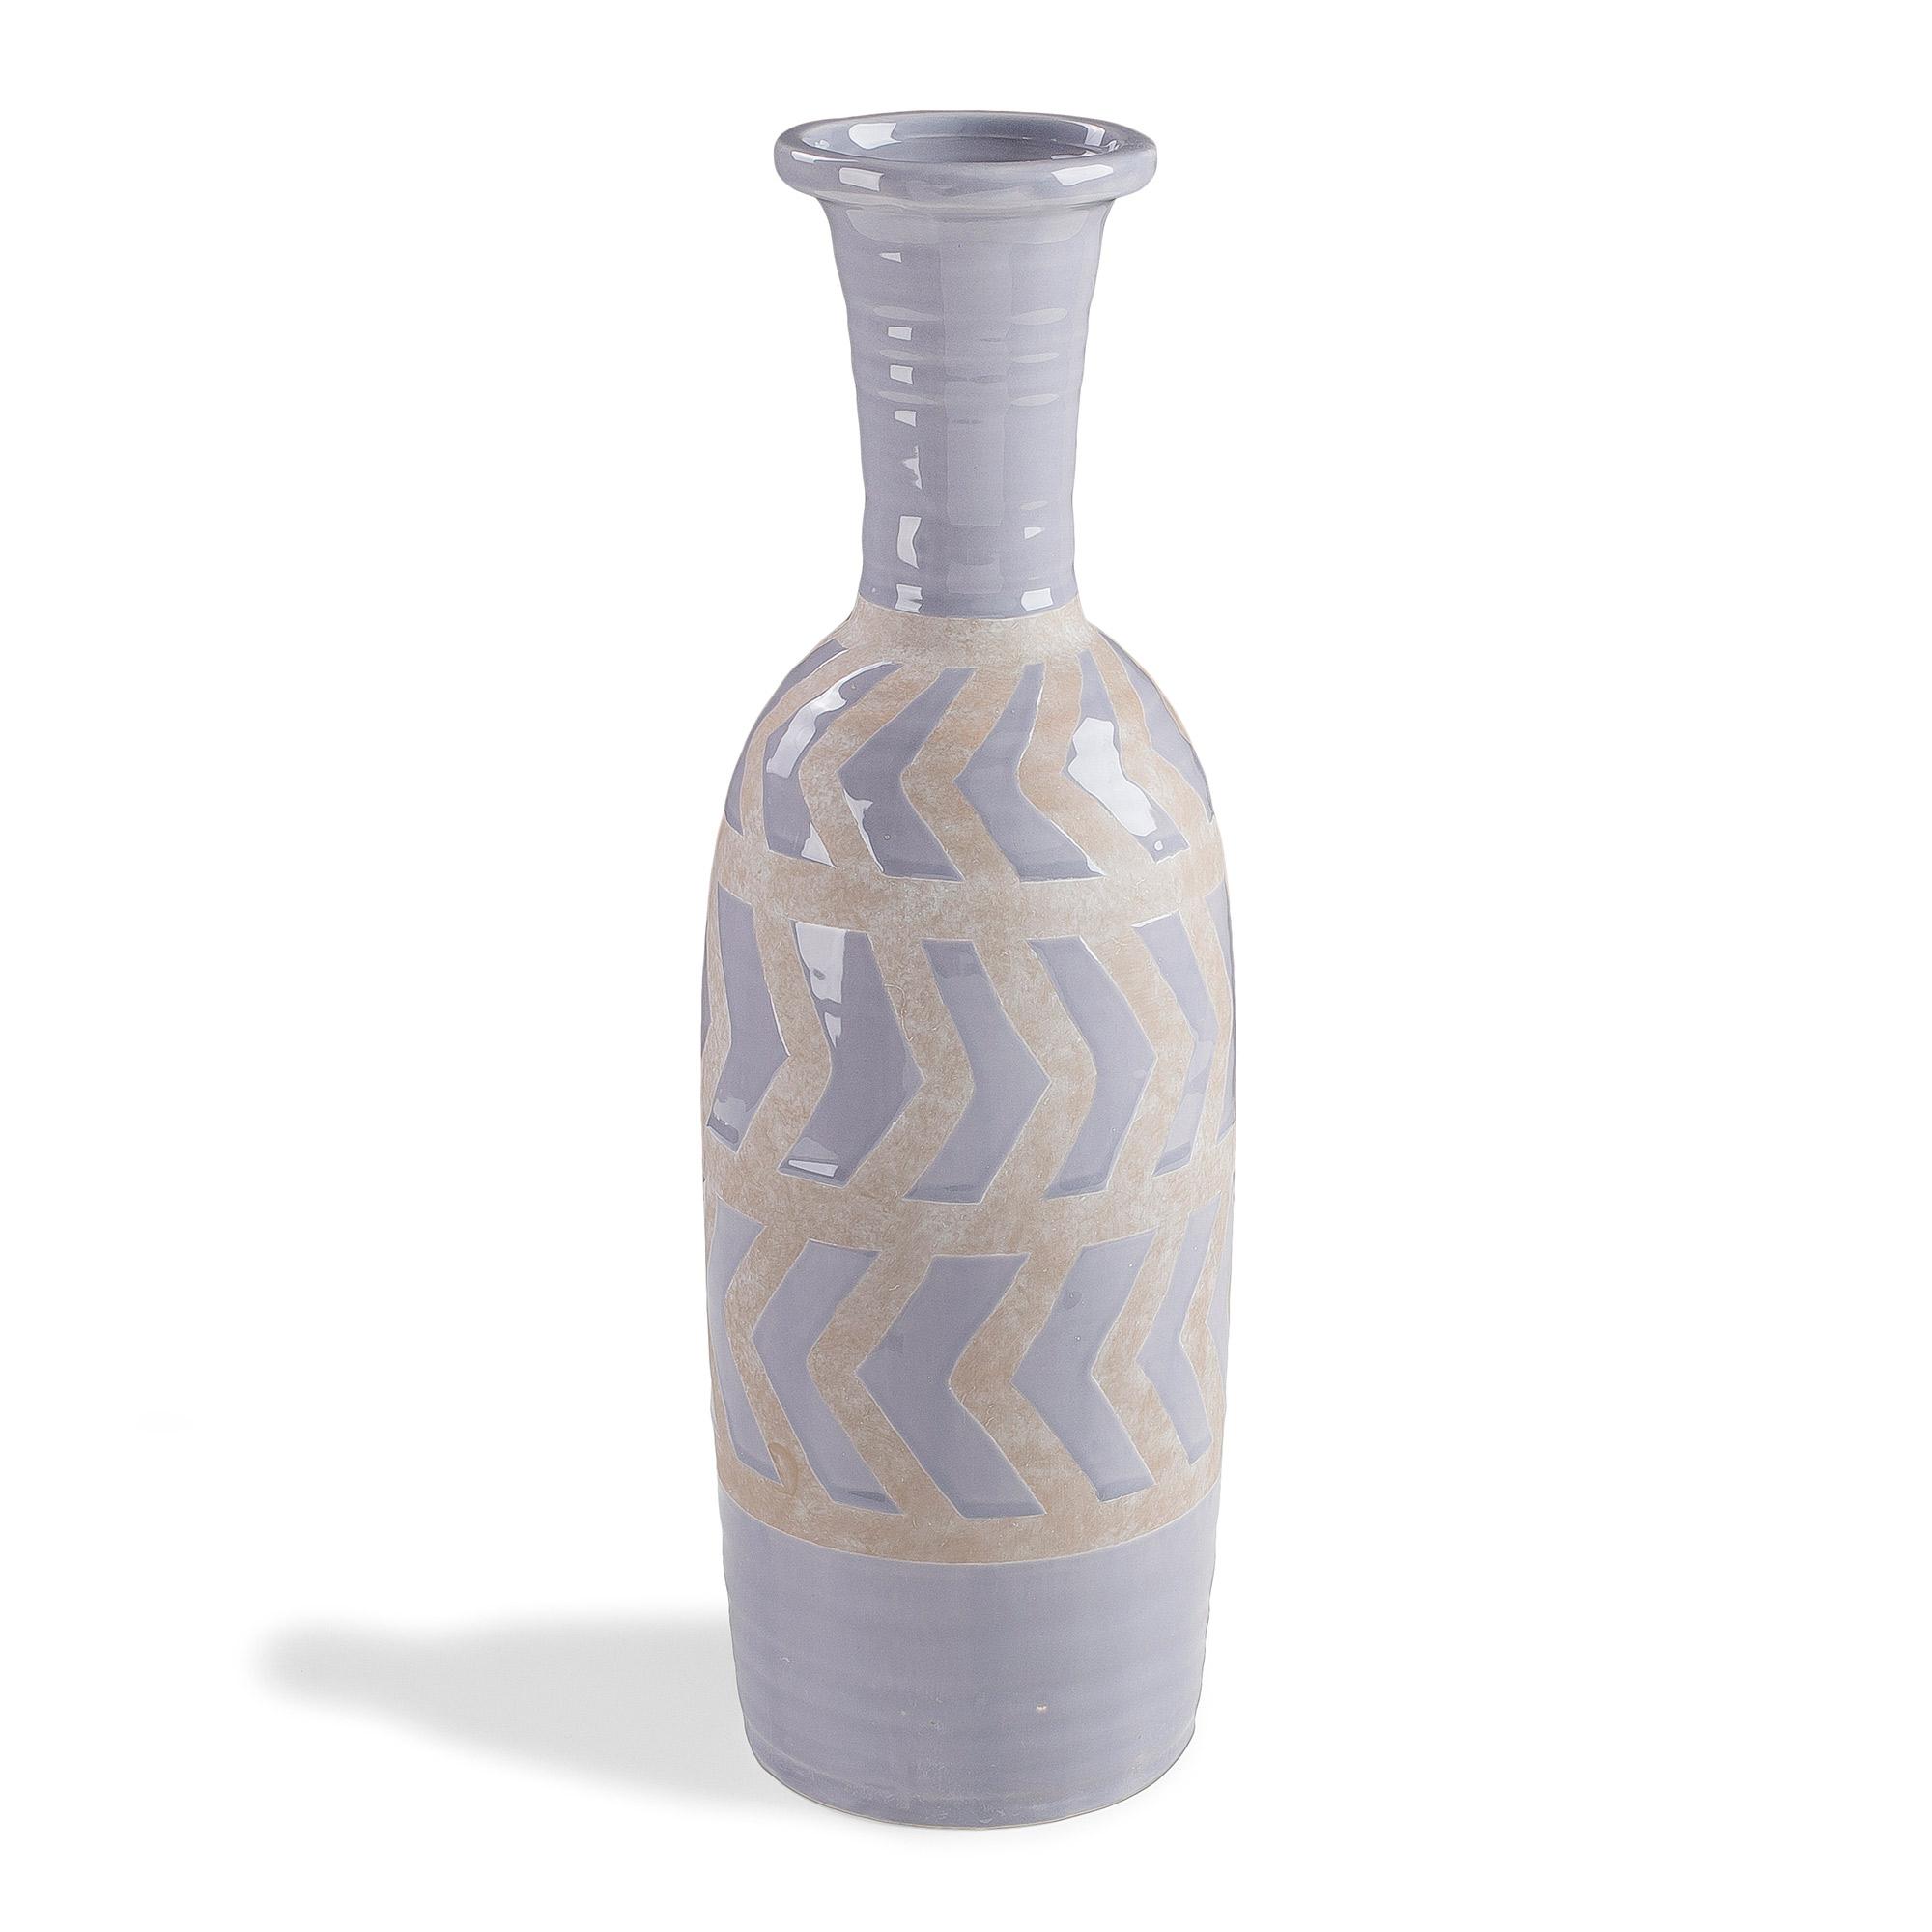 Kave Home - Ares Vase 46 cm | Dekoration > Vasen > Tischvasen | Kave Home